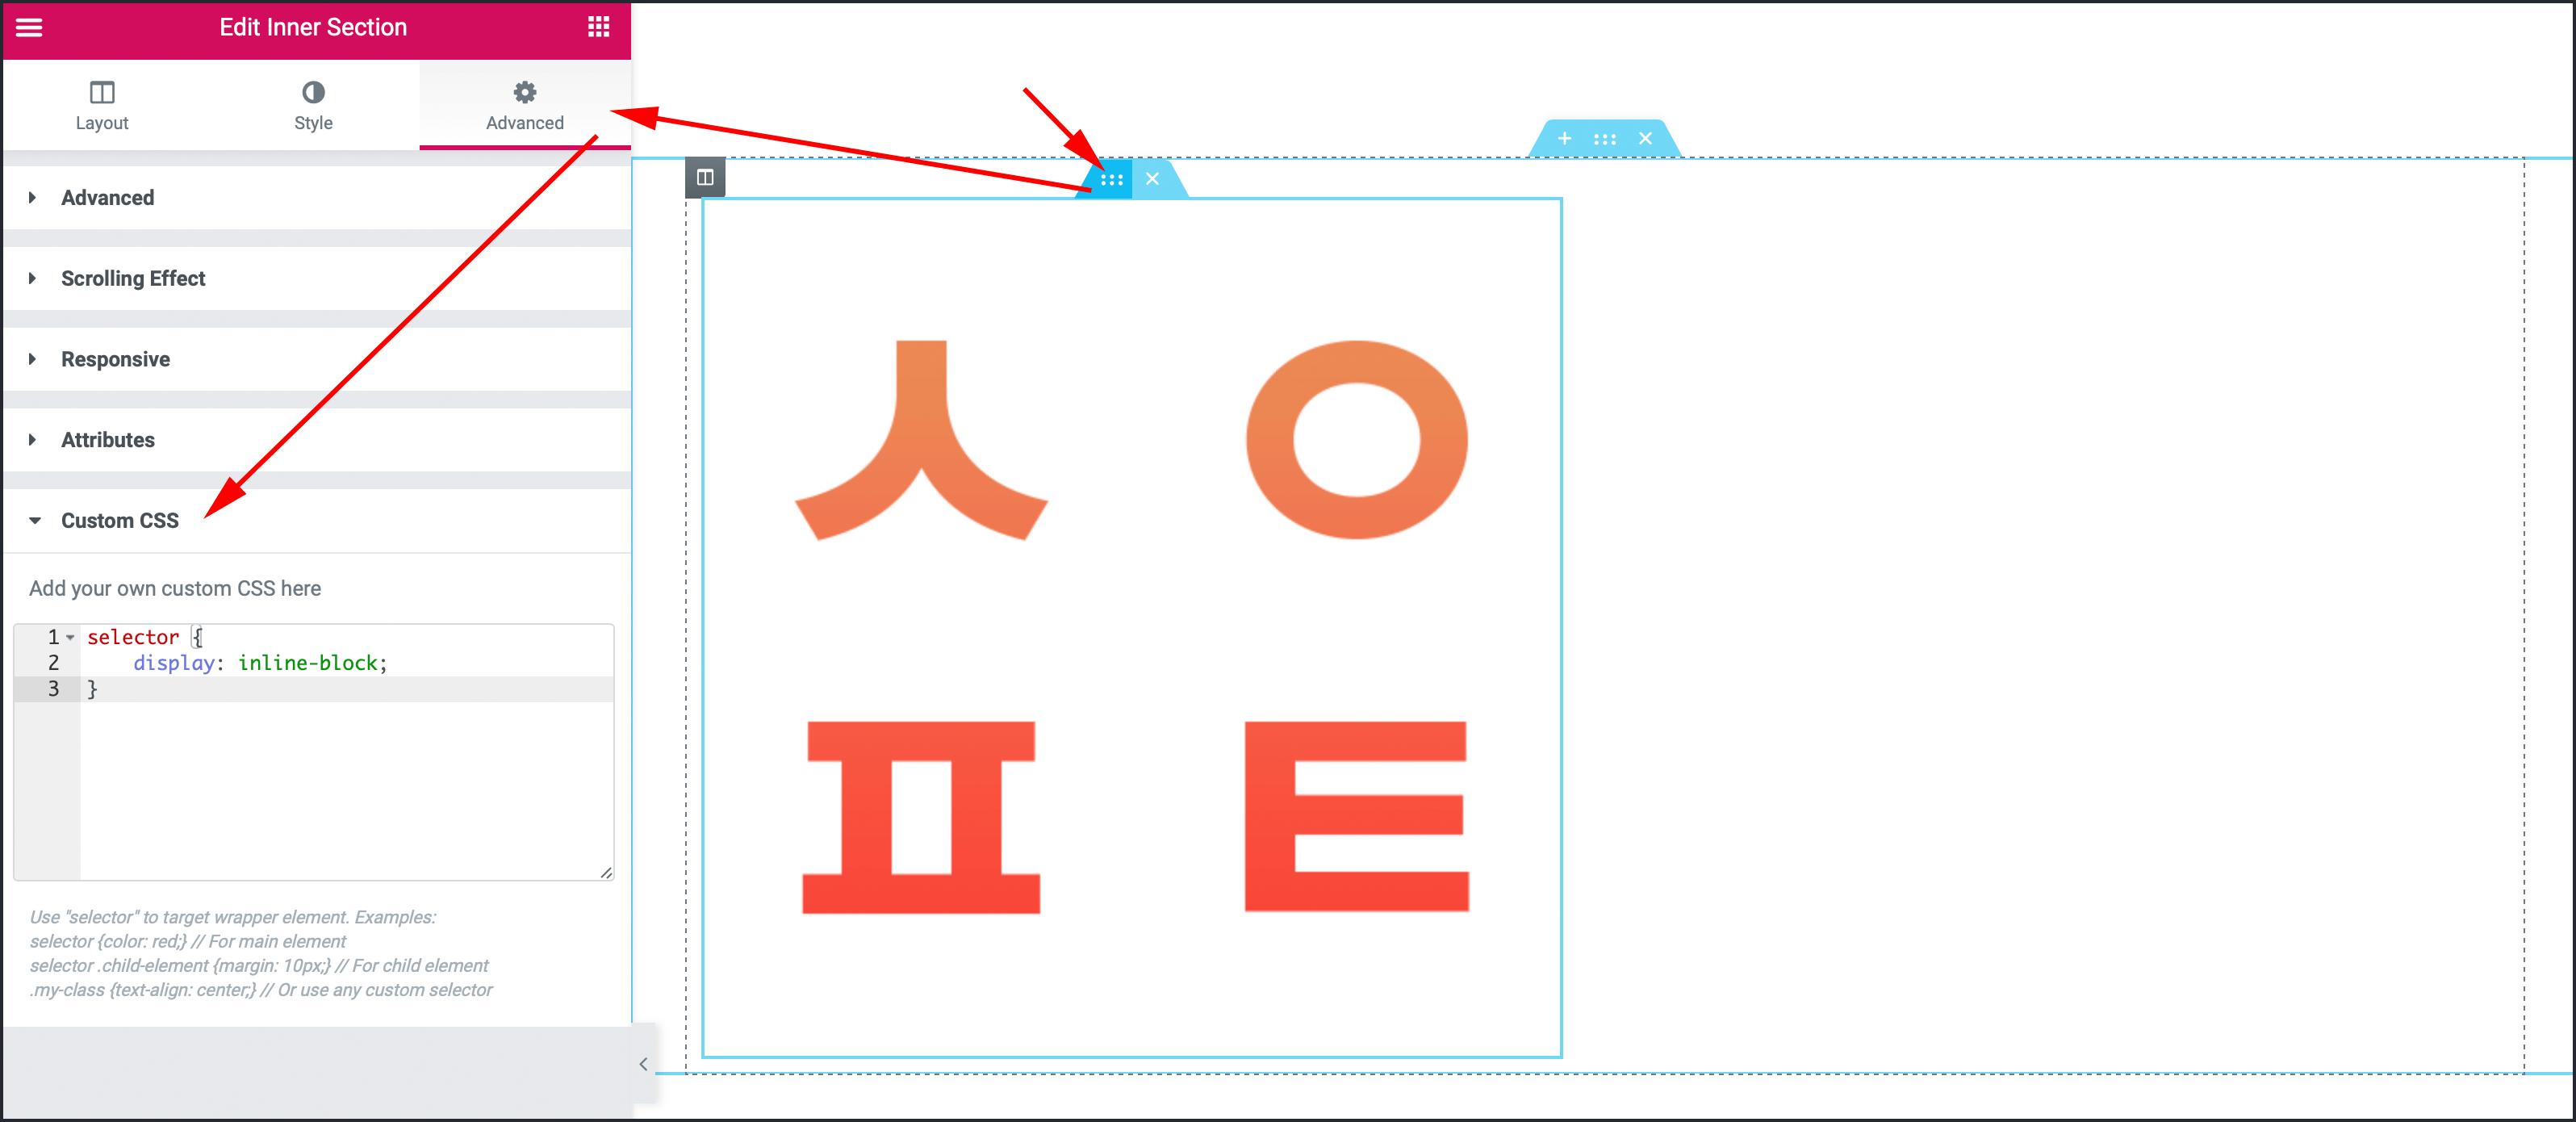 이너섹션에대해 커스텀 CSS 룰을 작성해주자 이미지조각이 간격없이 서로 붙어서 완전한 로고 이미지로 배치됨